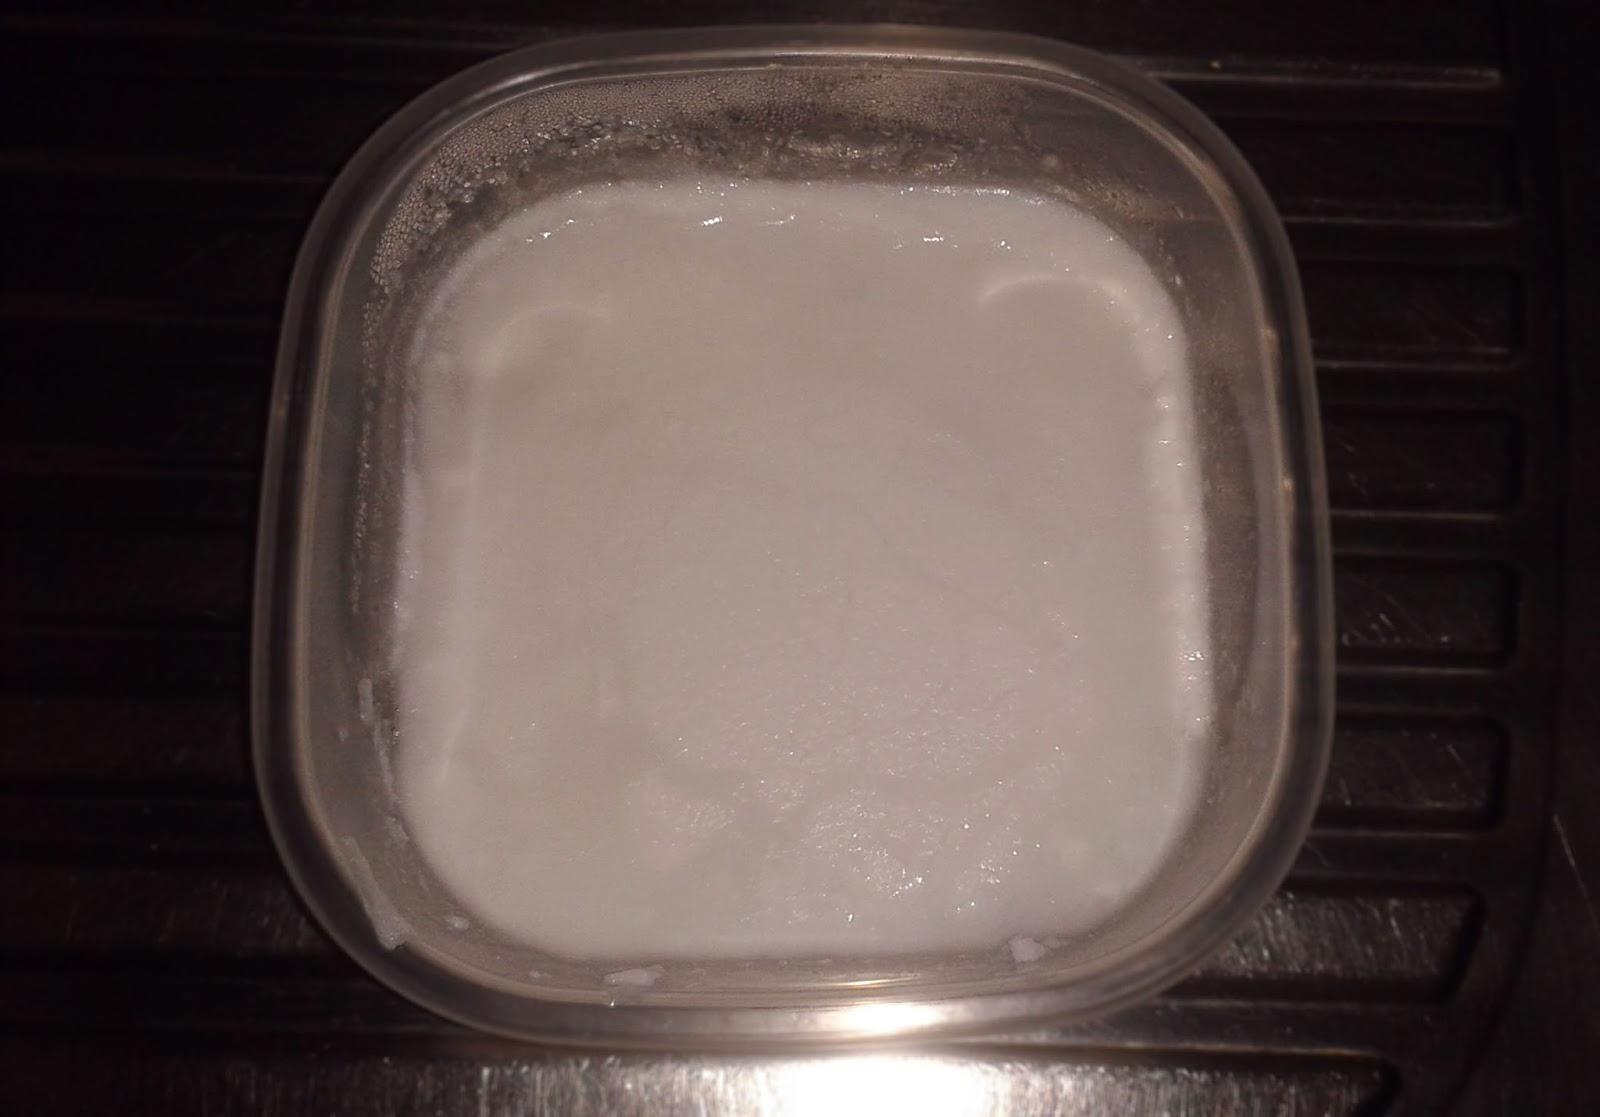 óleo-de-coco-caseiro-decantar